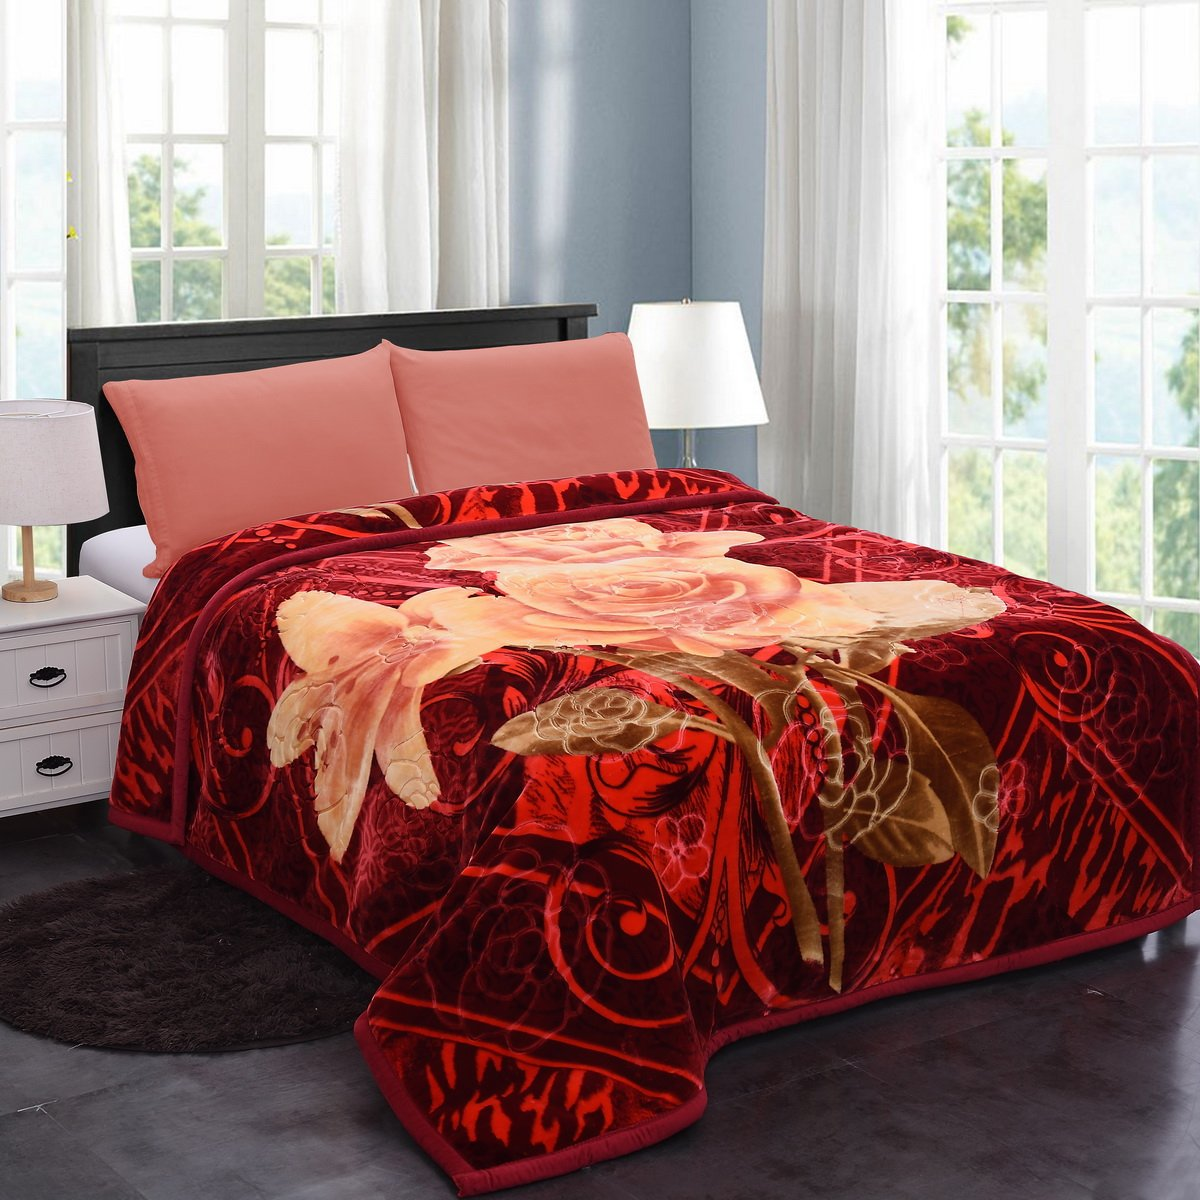 Jml Heavy Thick Plush Velvet Korean Style Mink Blanket, Two Ply Reversible Raschel Blanket with One Side Embossed, King, Red